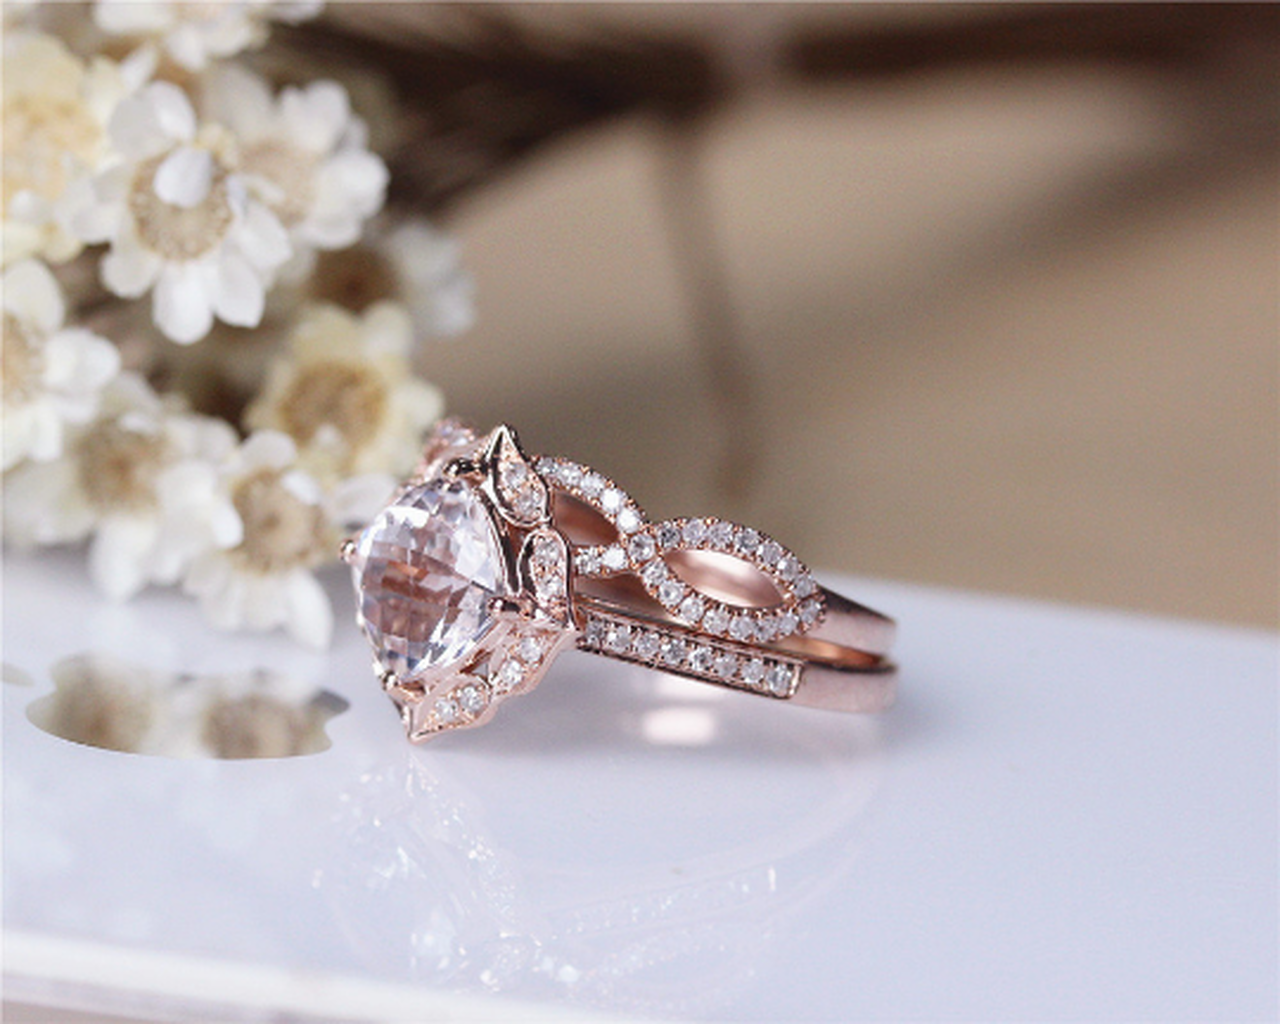 Morganite Enement Rings Rose Gold | Cushion Morganite Engagement Ring Set Solid 14k Rose Gold Morganite